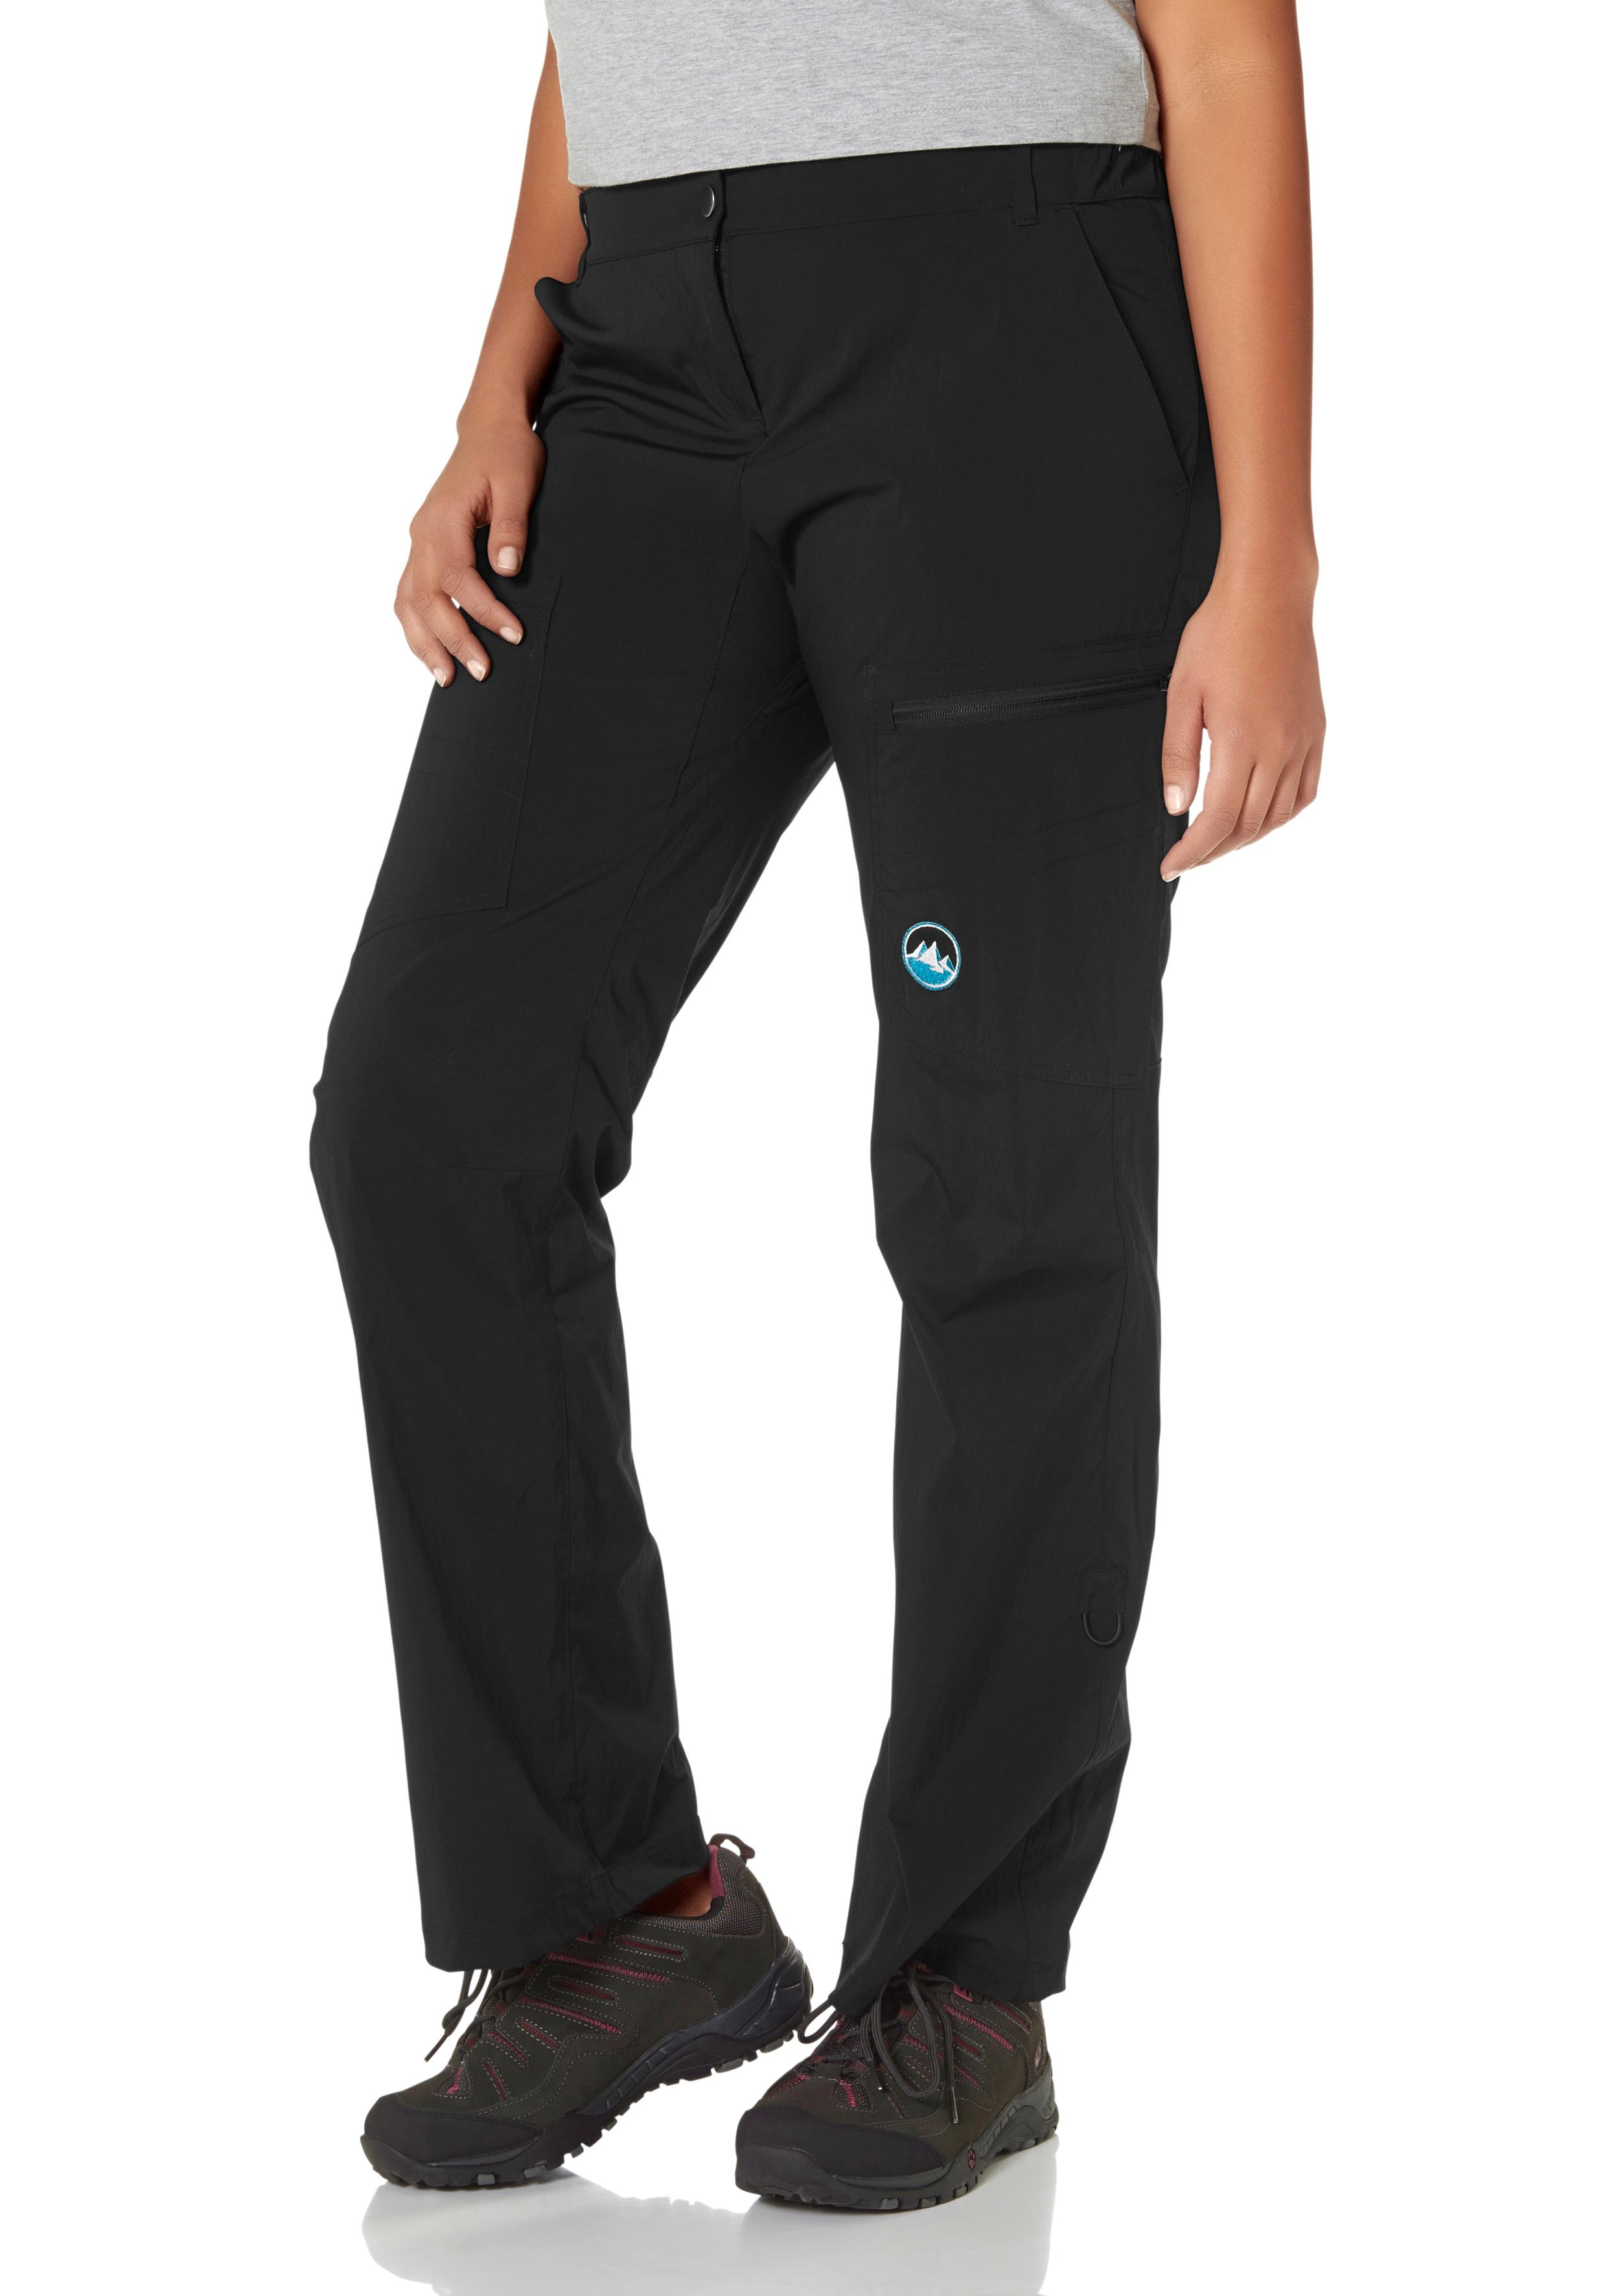 Polarino Trekkinghose | Sportbekleidung > Sporthosen > Trekkinghosen | Polarino